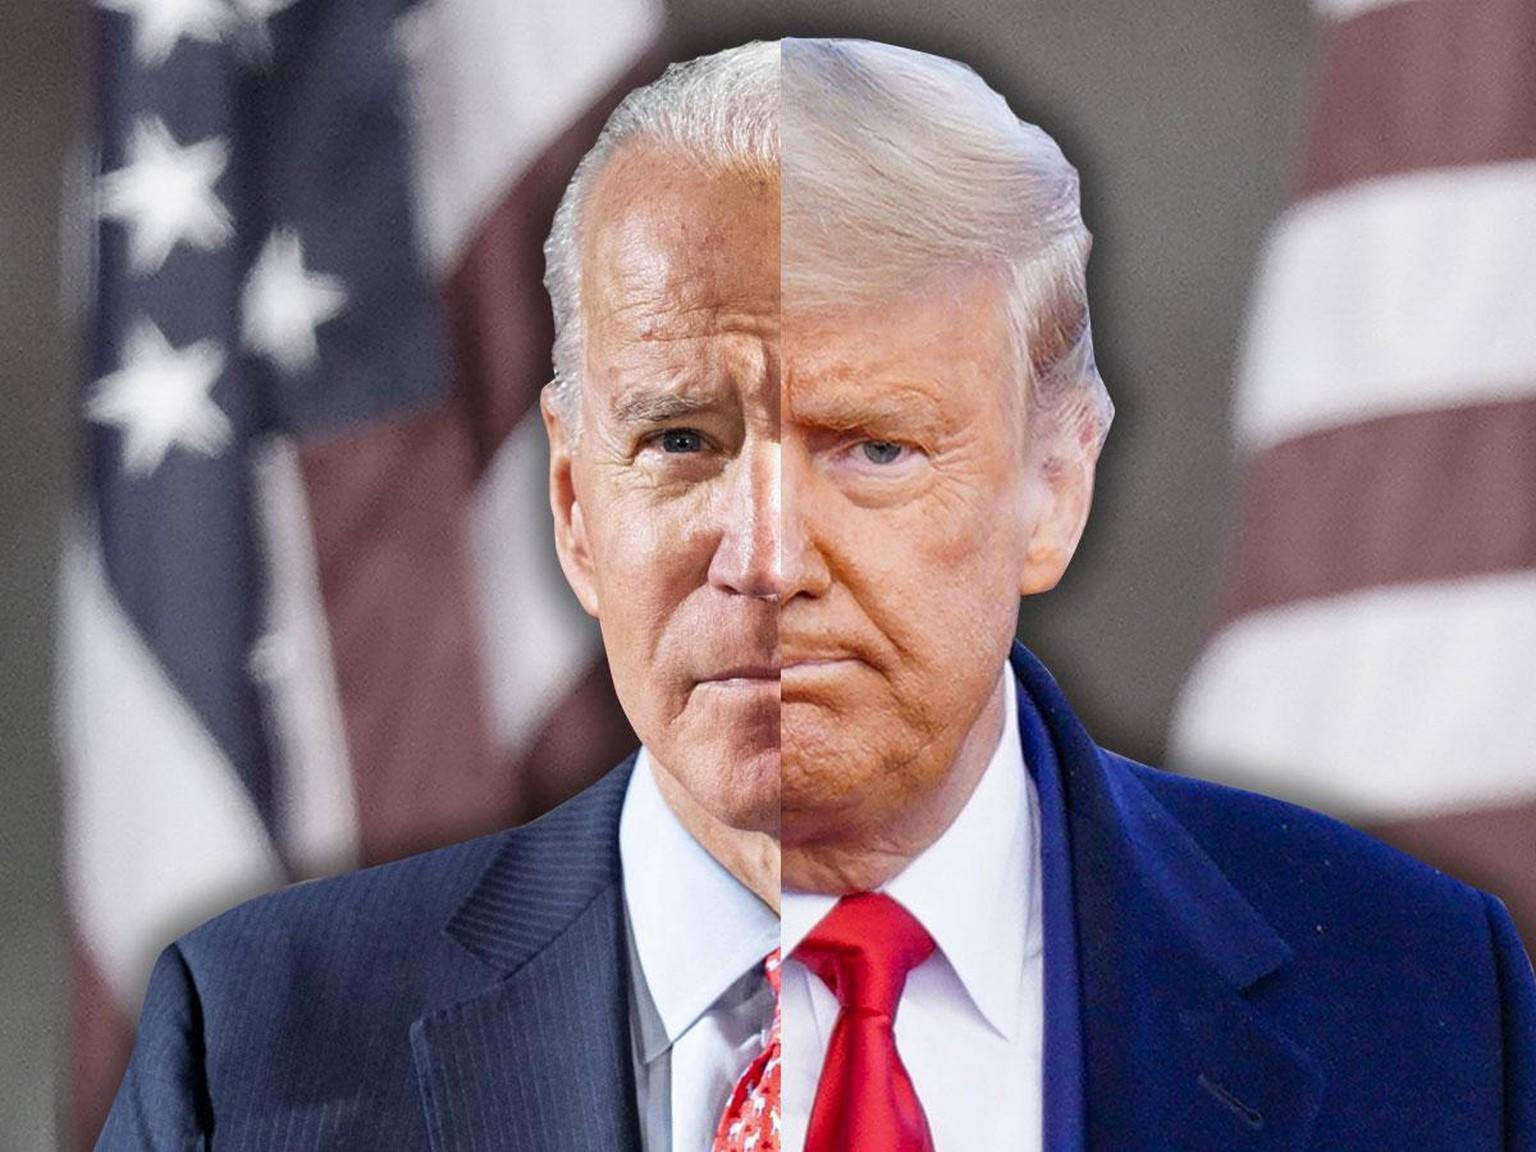 Trump oder Biden? Der Stand der letzten Umfragen und Prognosen - watson